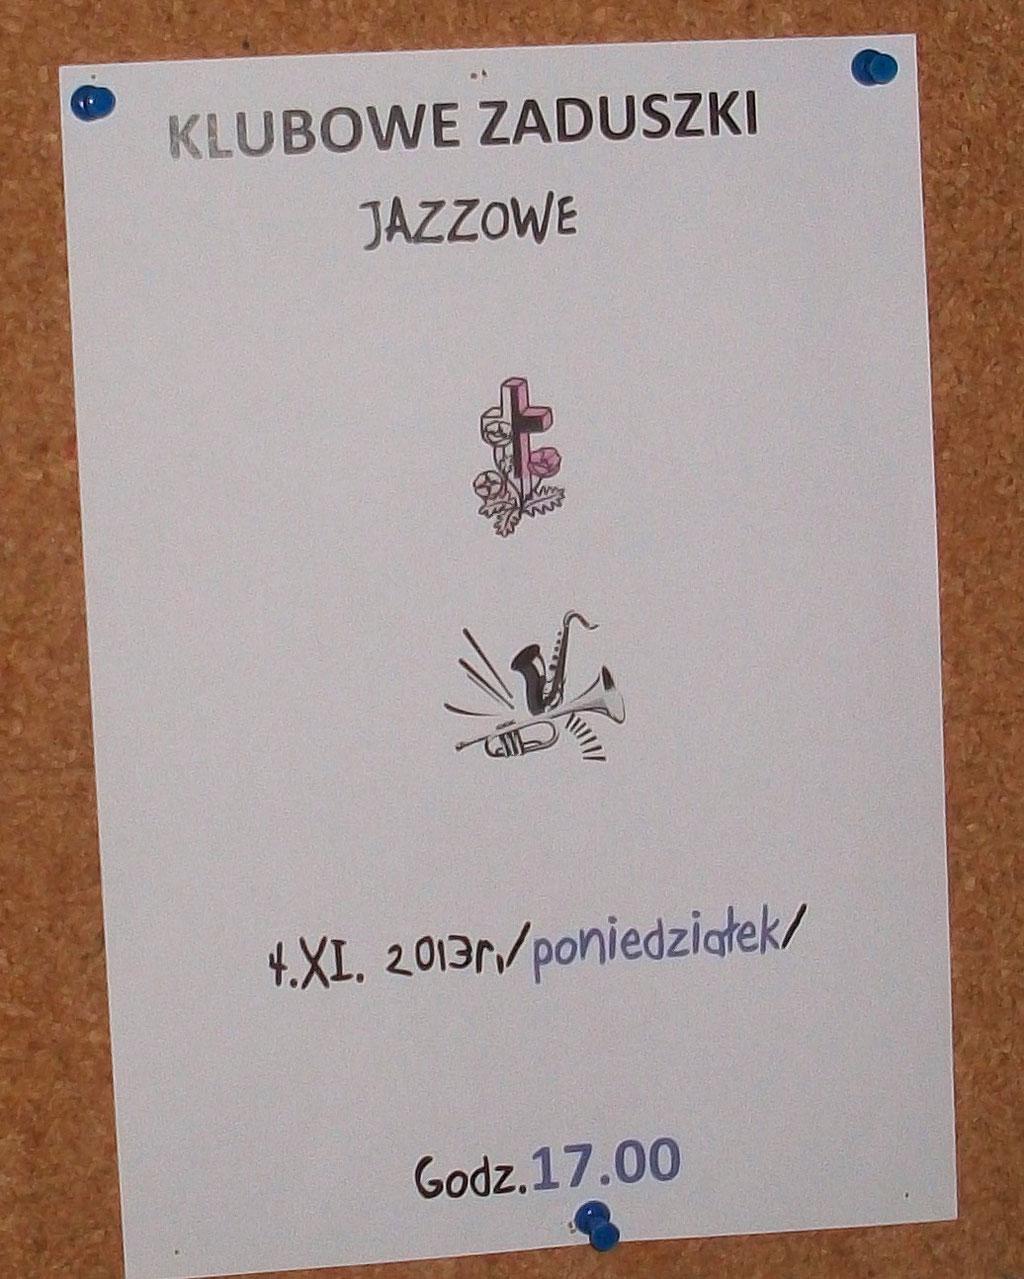 zaduszki_jazzowe_01-jpg